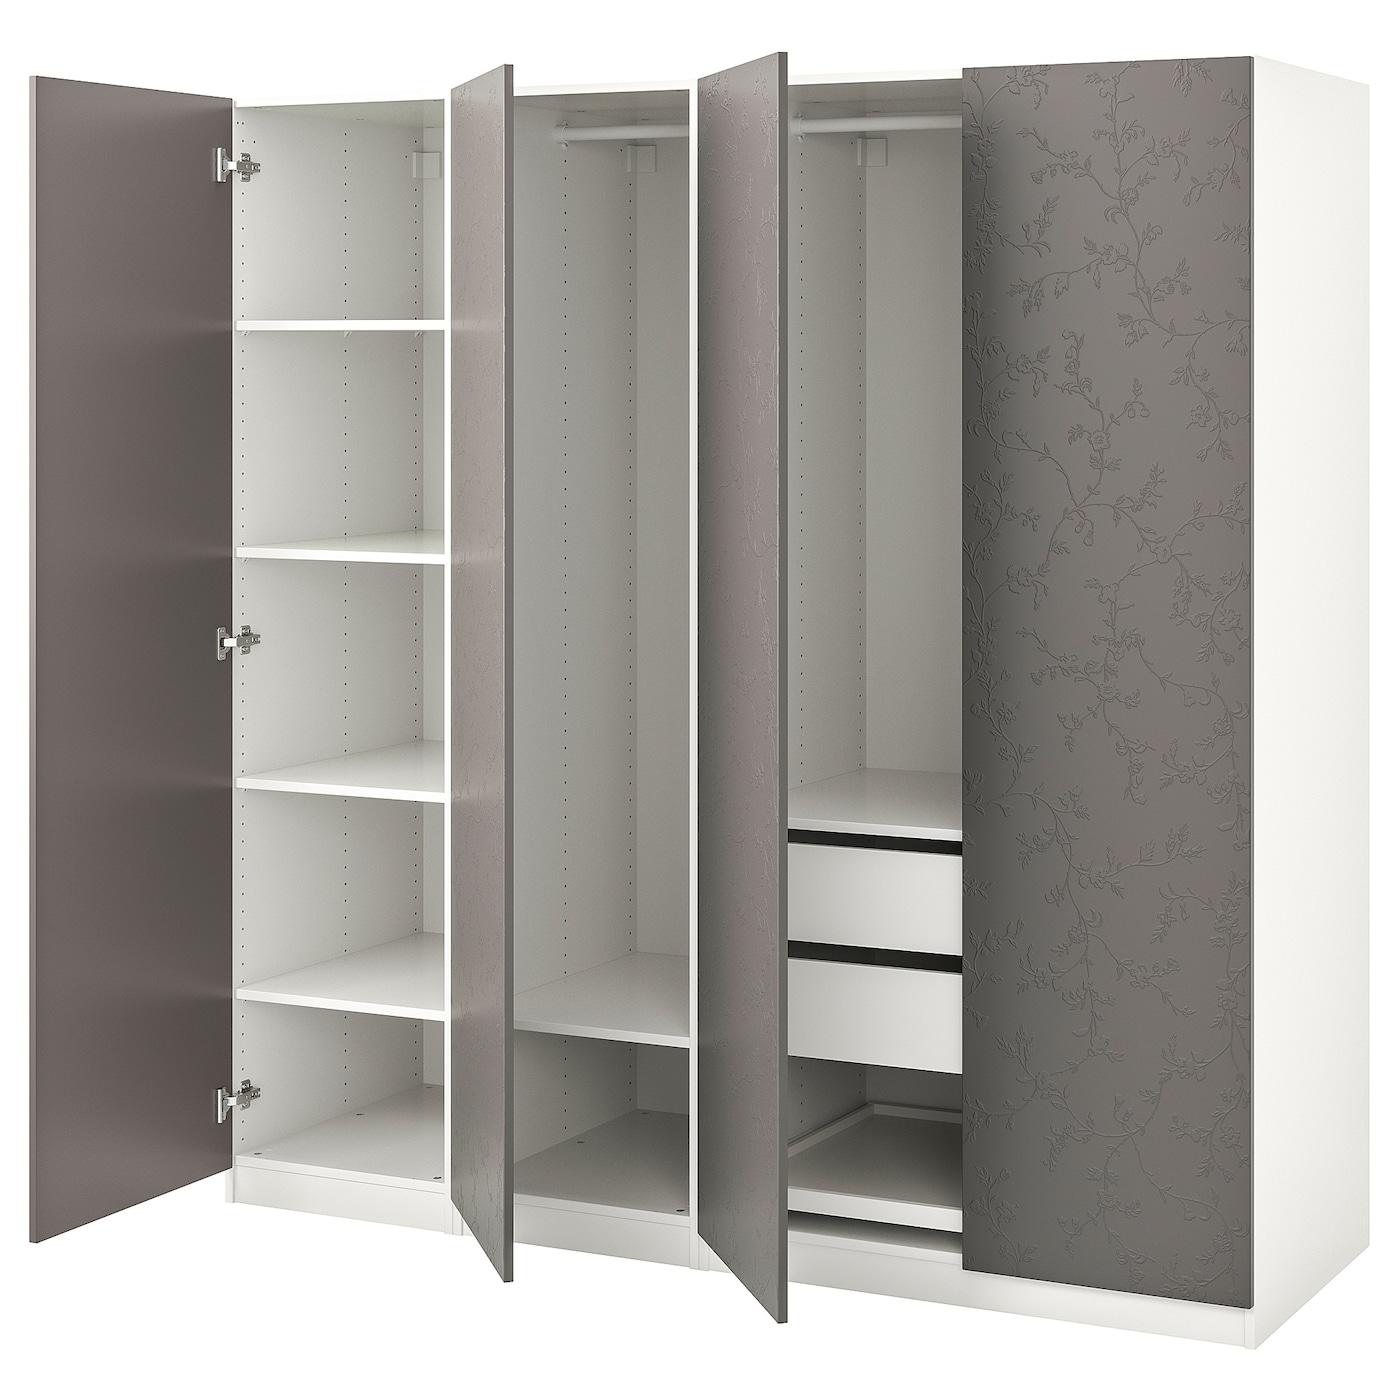 Pax Wardrobe White Flornes Dark Gray 78 3 4x23 5 8x79 1 4 Ikea